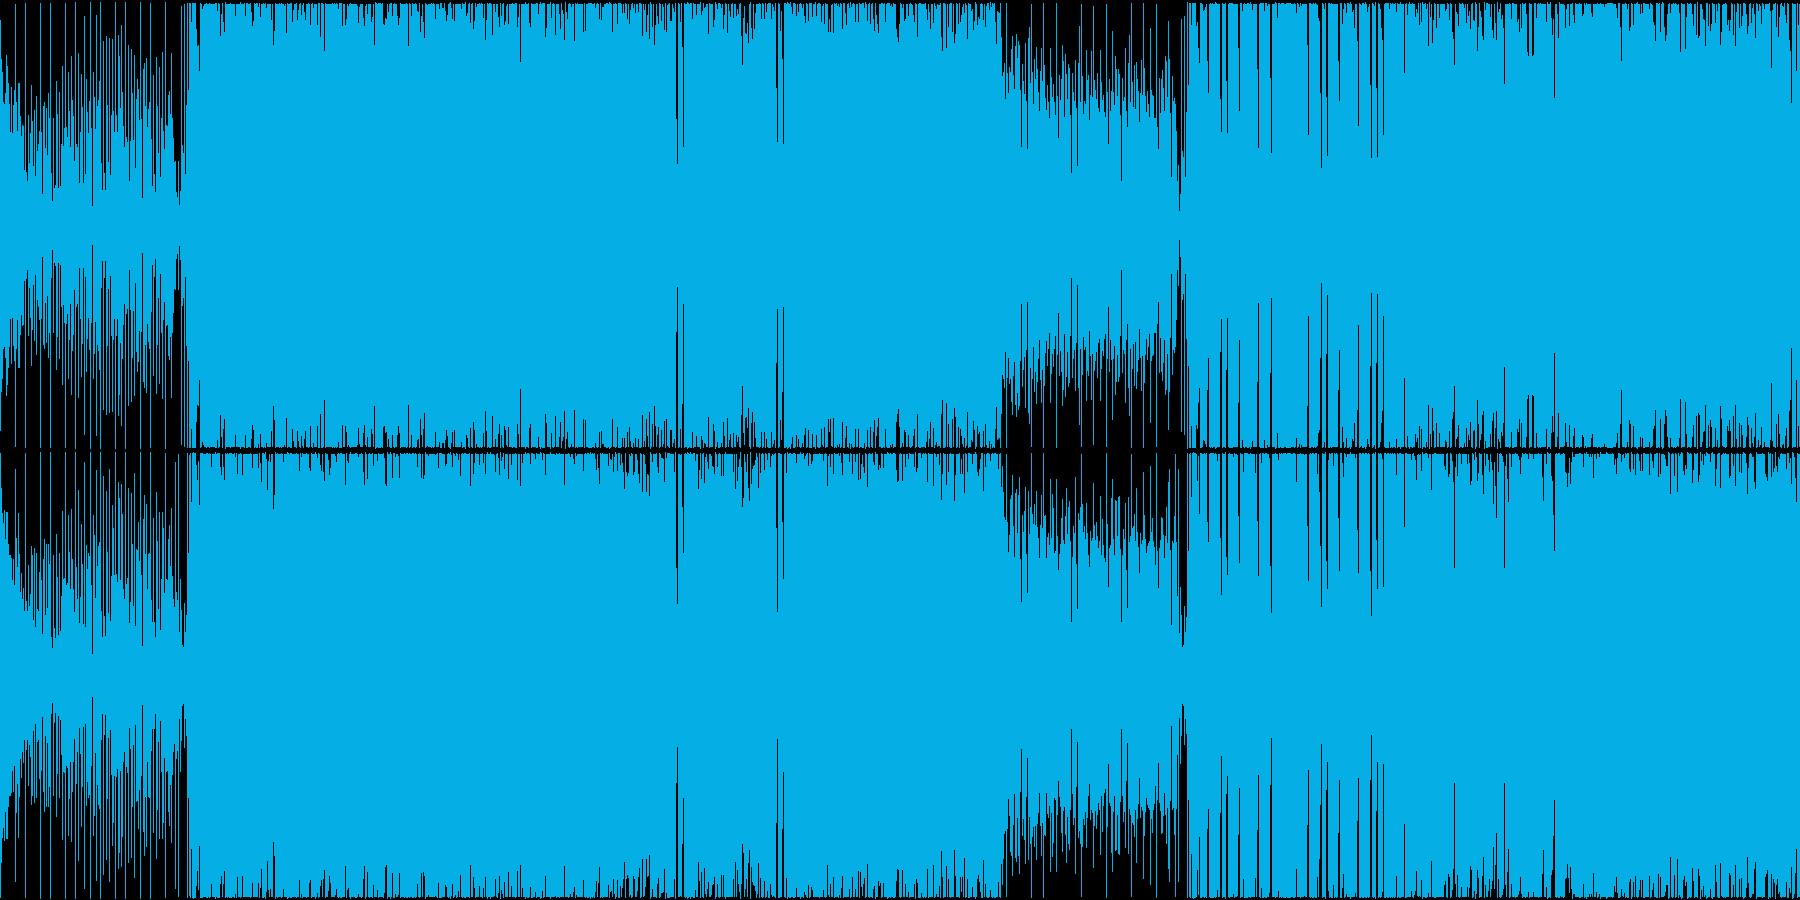 凶悪な雰囲気のメタル+ドラムンベースの再生済みの波形